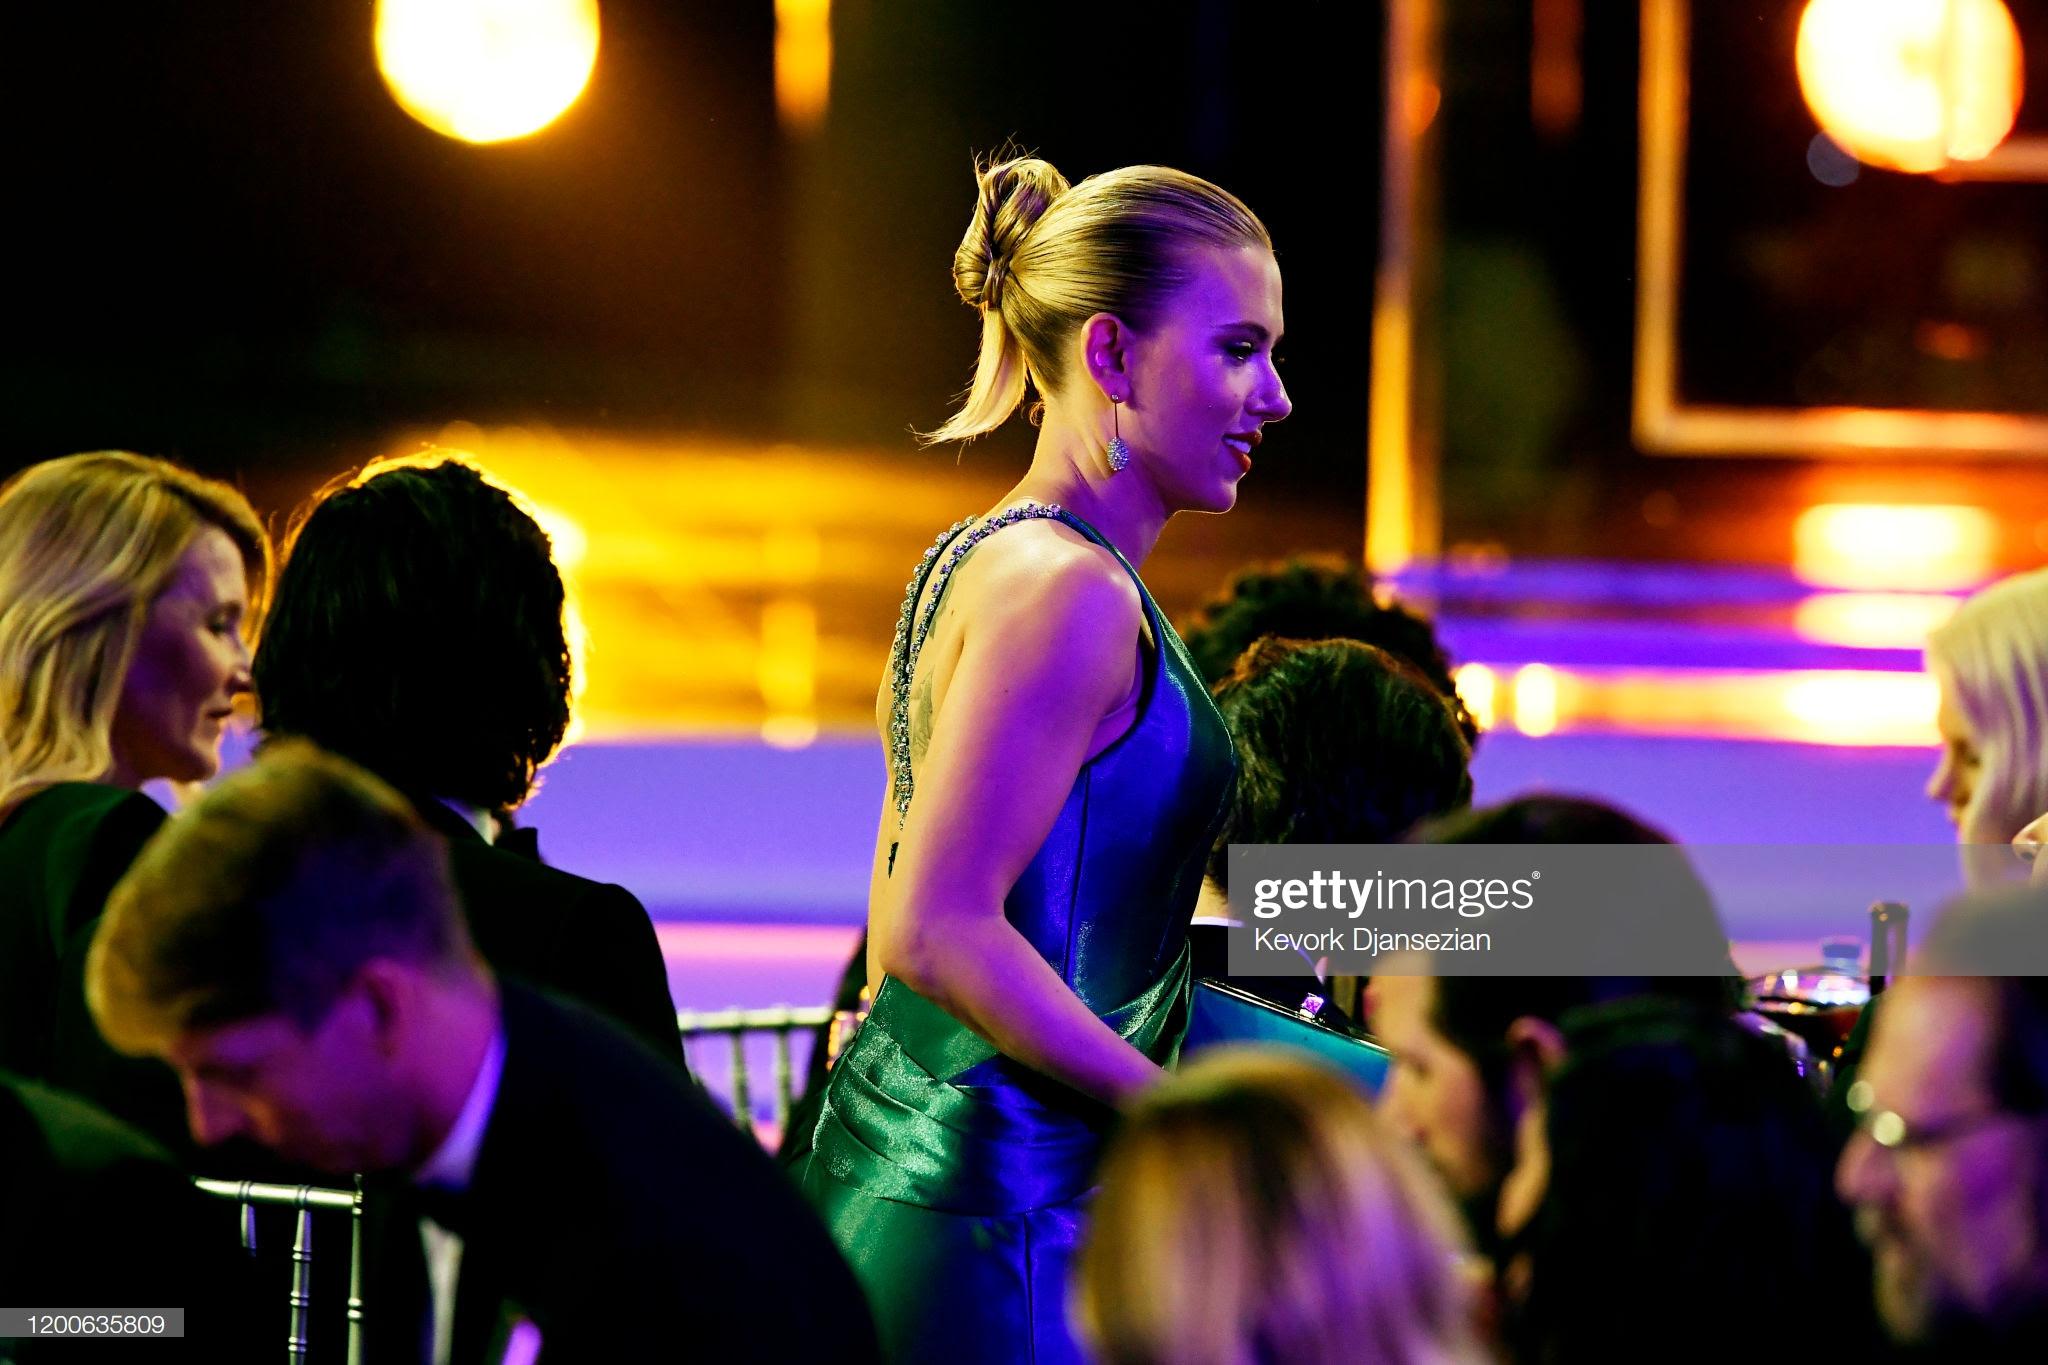 """f342d936 97f8 41db a79c 24fefe92b50e - Screen Actors Guild Awards"""" 2020: Scarlett Johansson y Leonardo Dicaprio entre las celebrities que lucieron Jimmy Choo"""